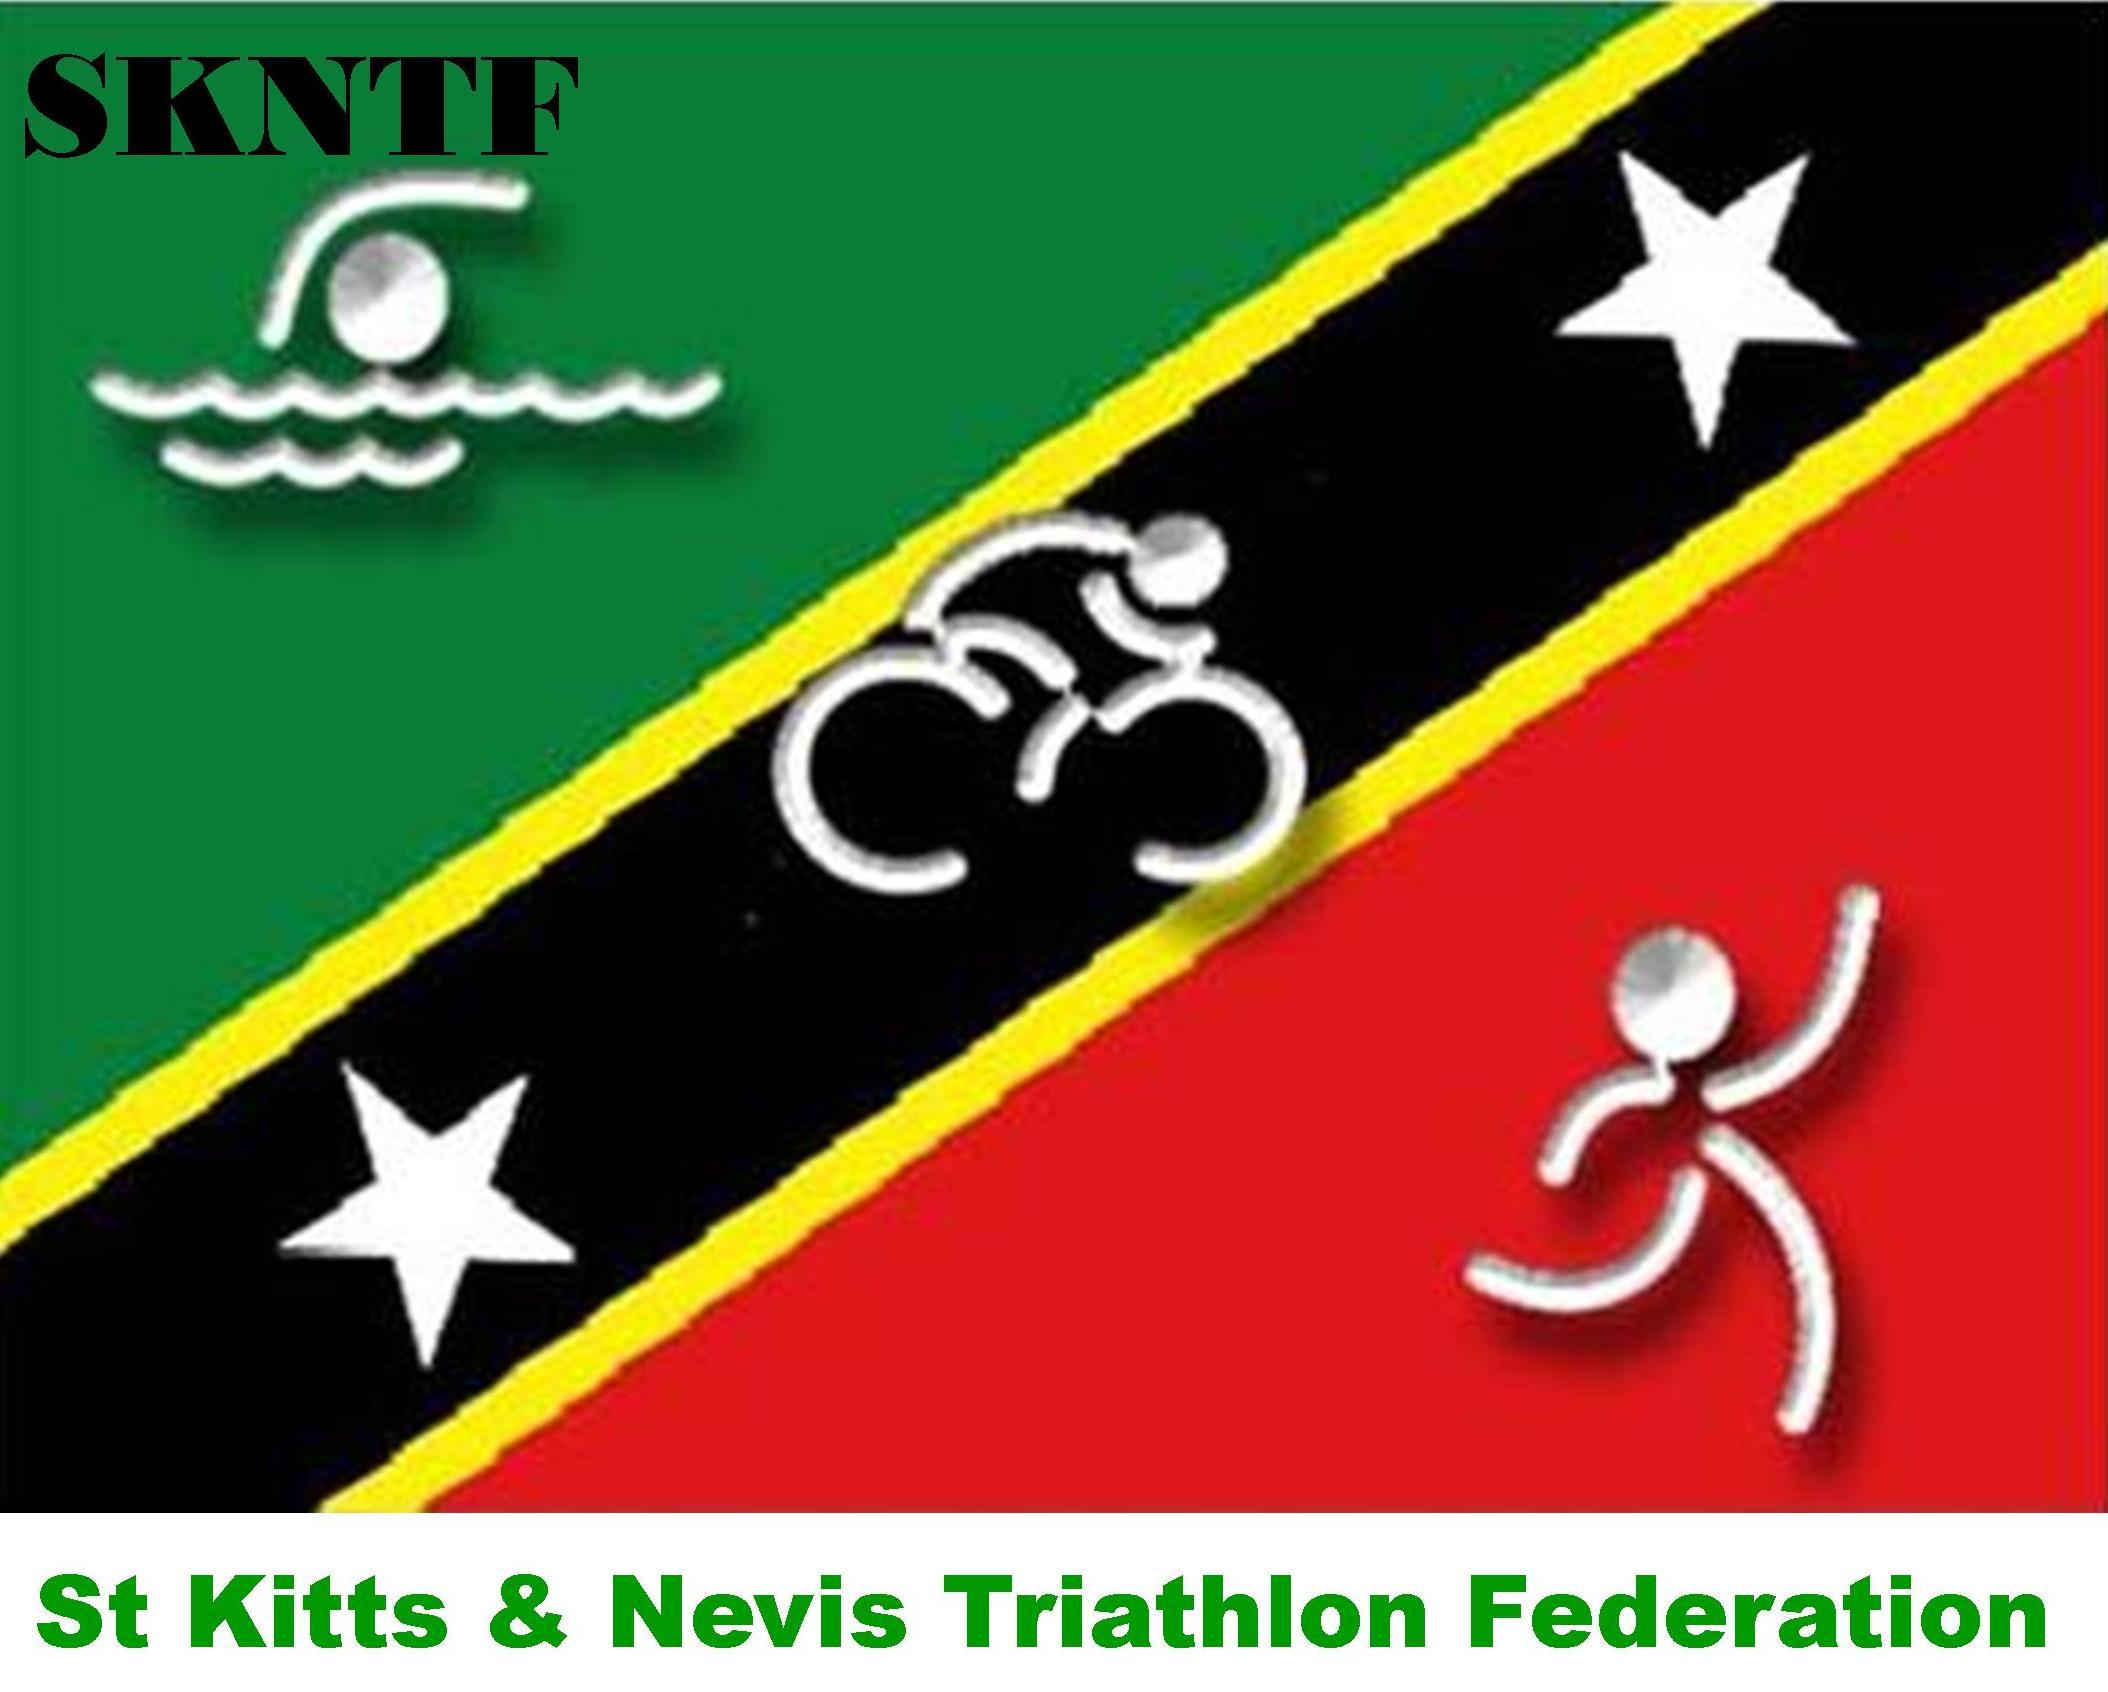 Saint Kitts & Nevis Triathlon Federation logo